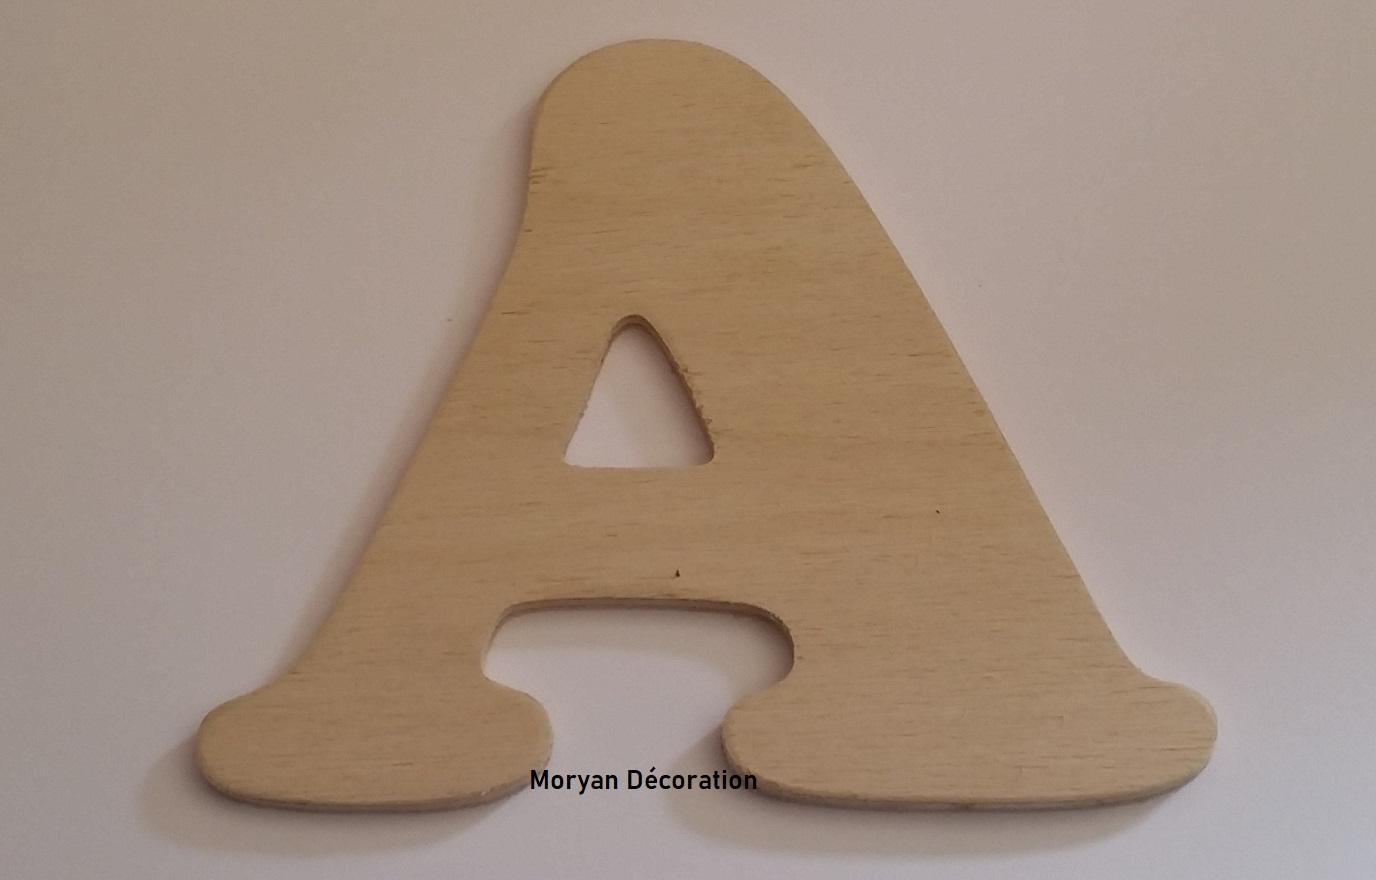 Lettre en bois decorative a peindre cooper black